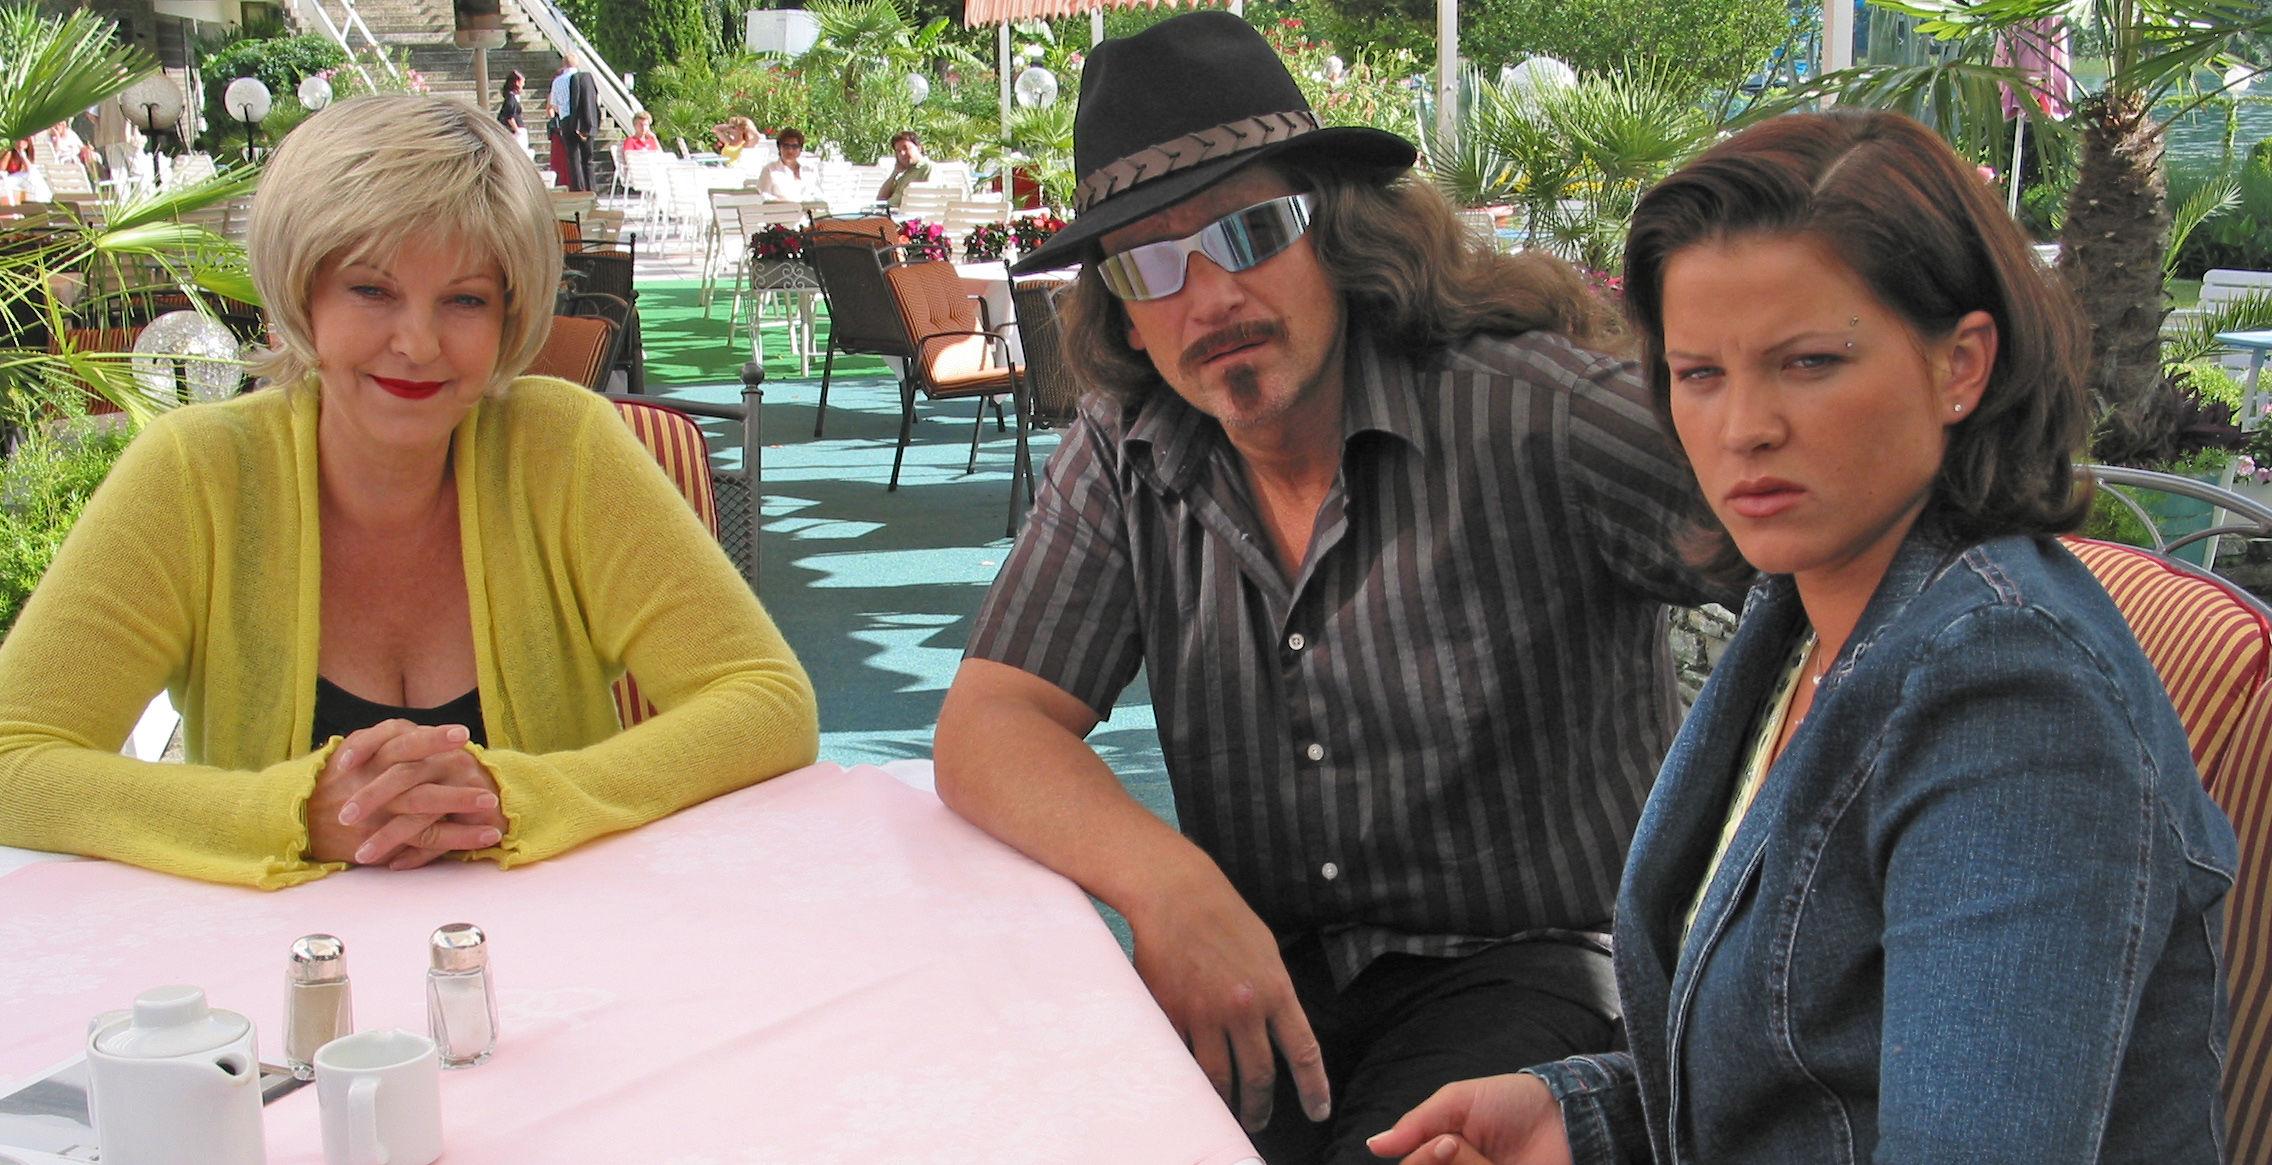 Conny (Elfi Eschke), Larry (Rainhard Fendrich), Shark (Magdalena Rentenberger)